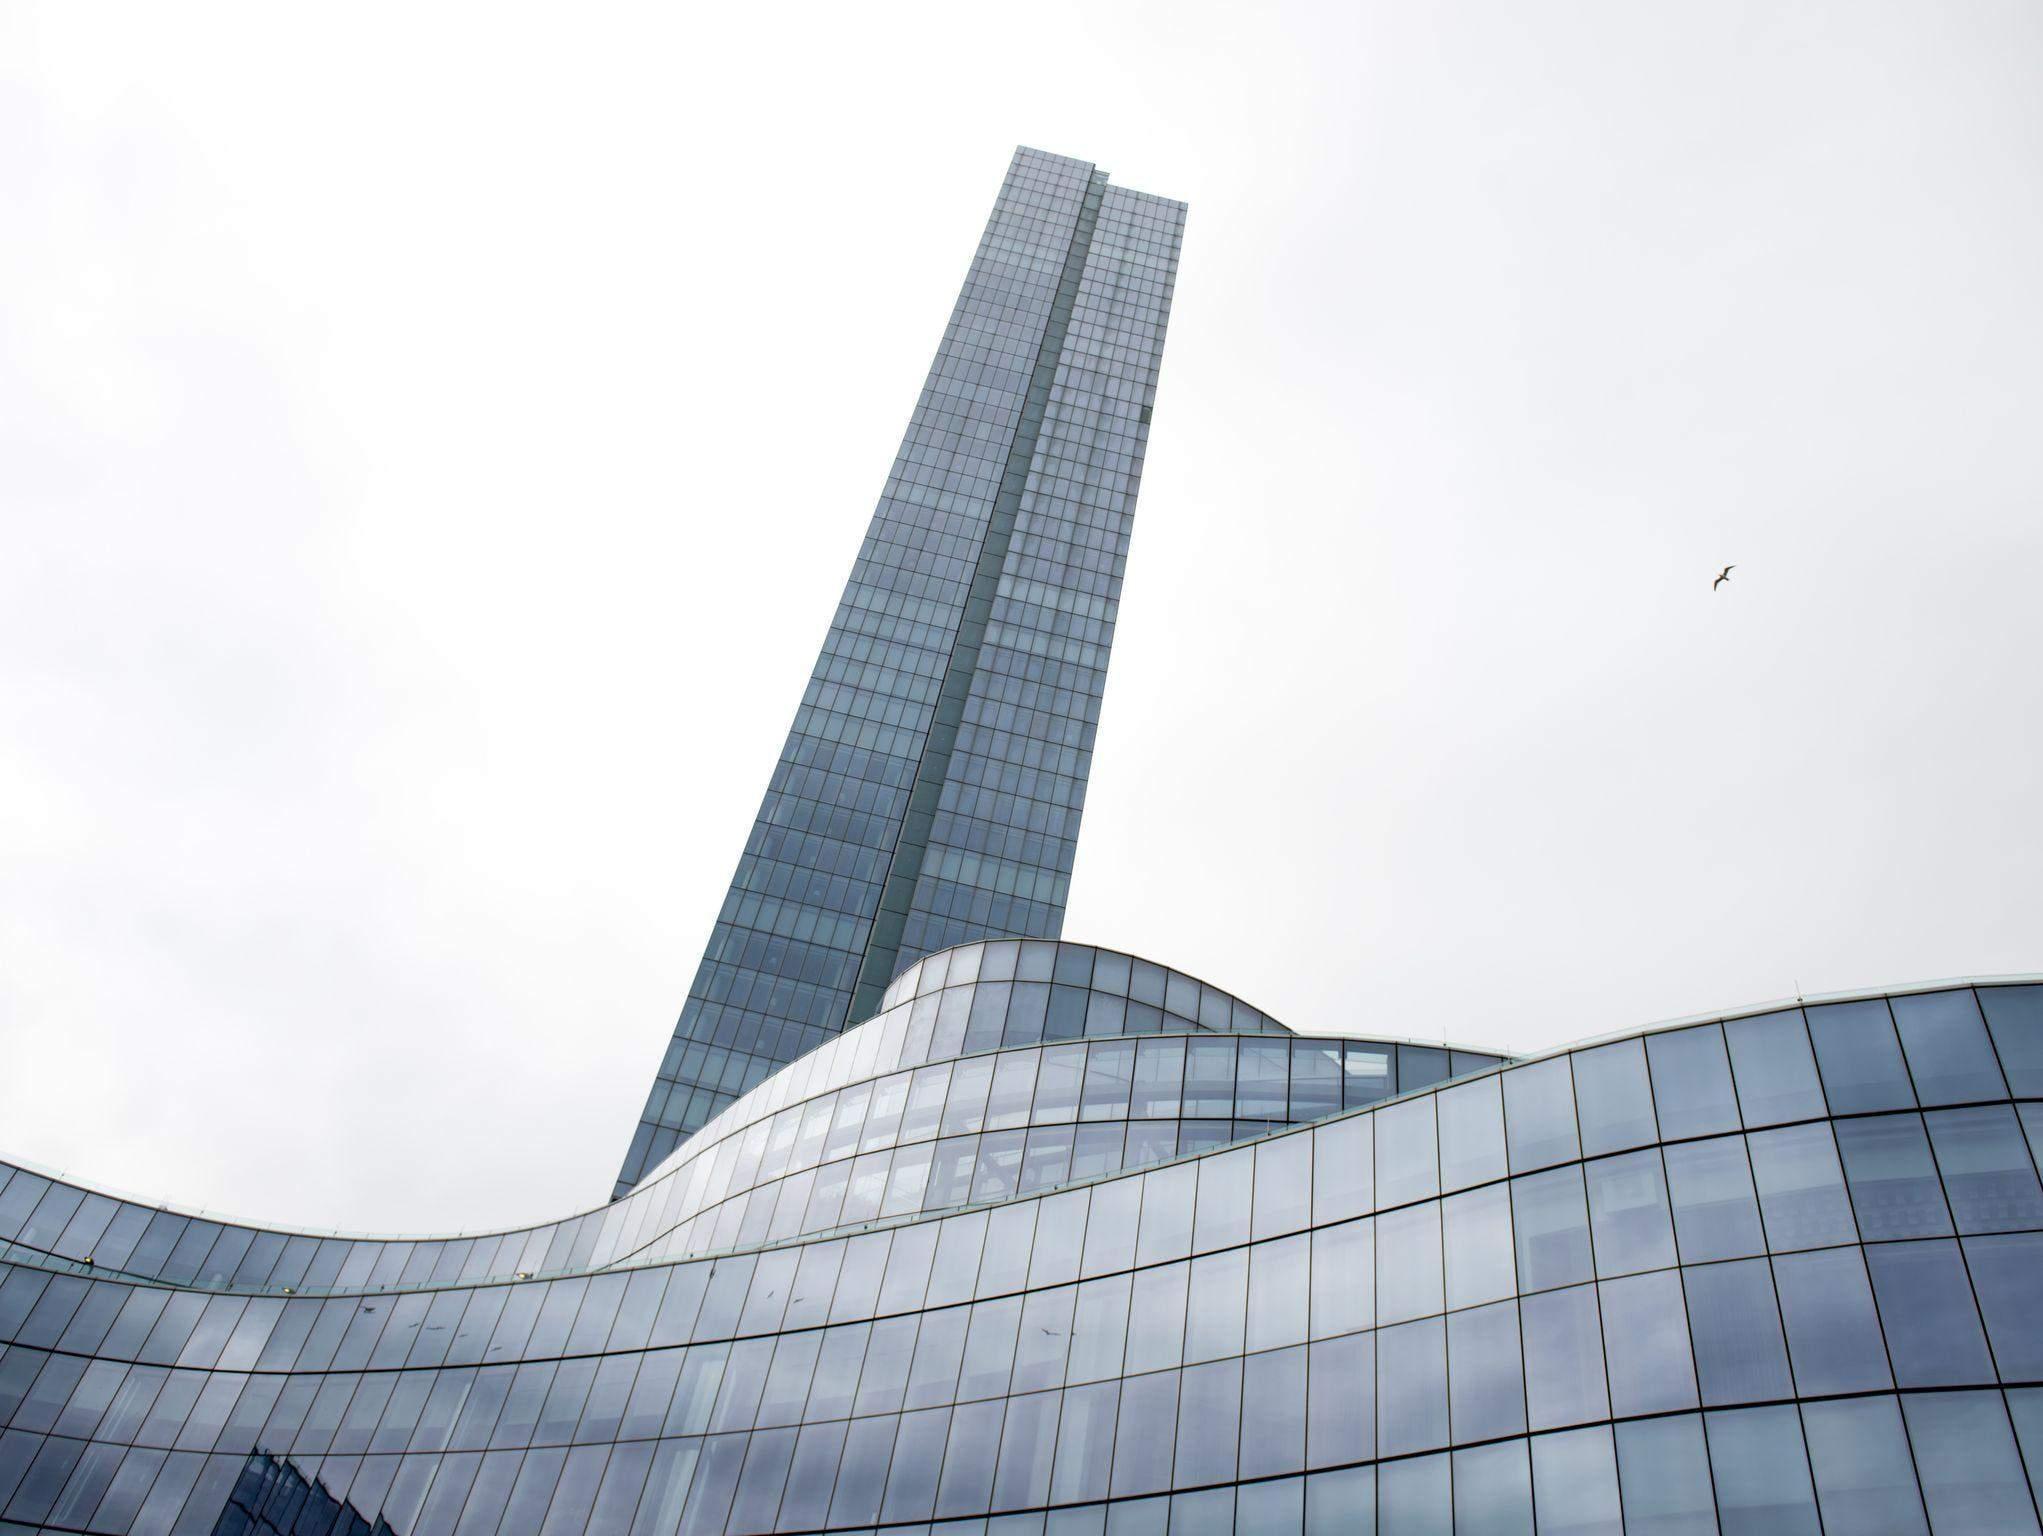 Dalam gugatan whistleblower, eksekutif kasino AC yang dipecat mengklaim dia berurusan dengan misogini, pembalasan - Berita - New Jersey Herald